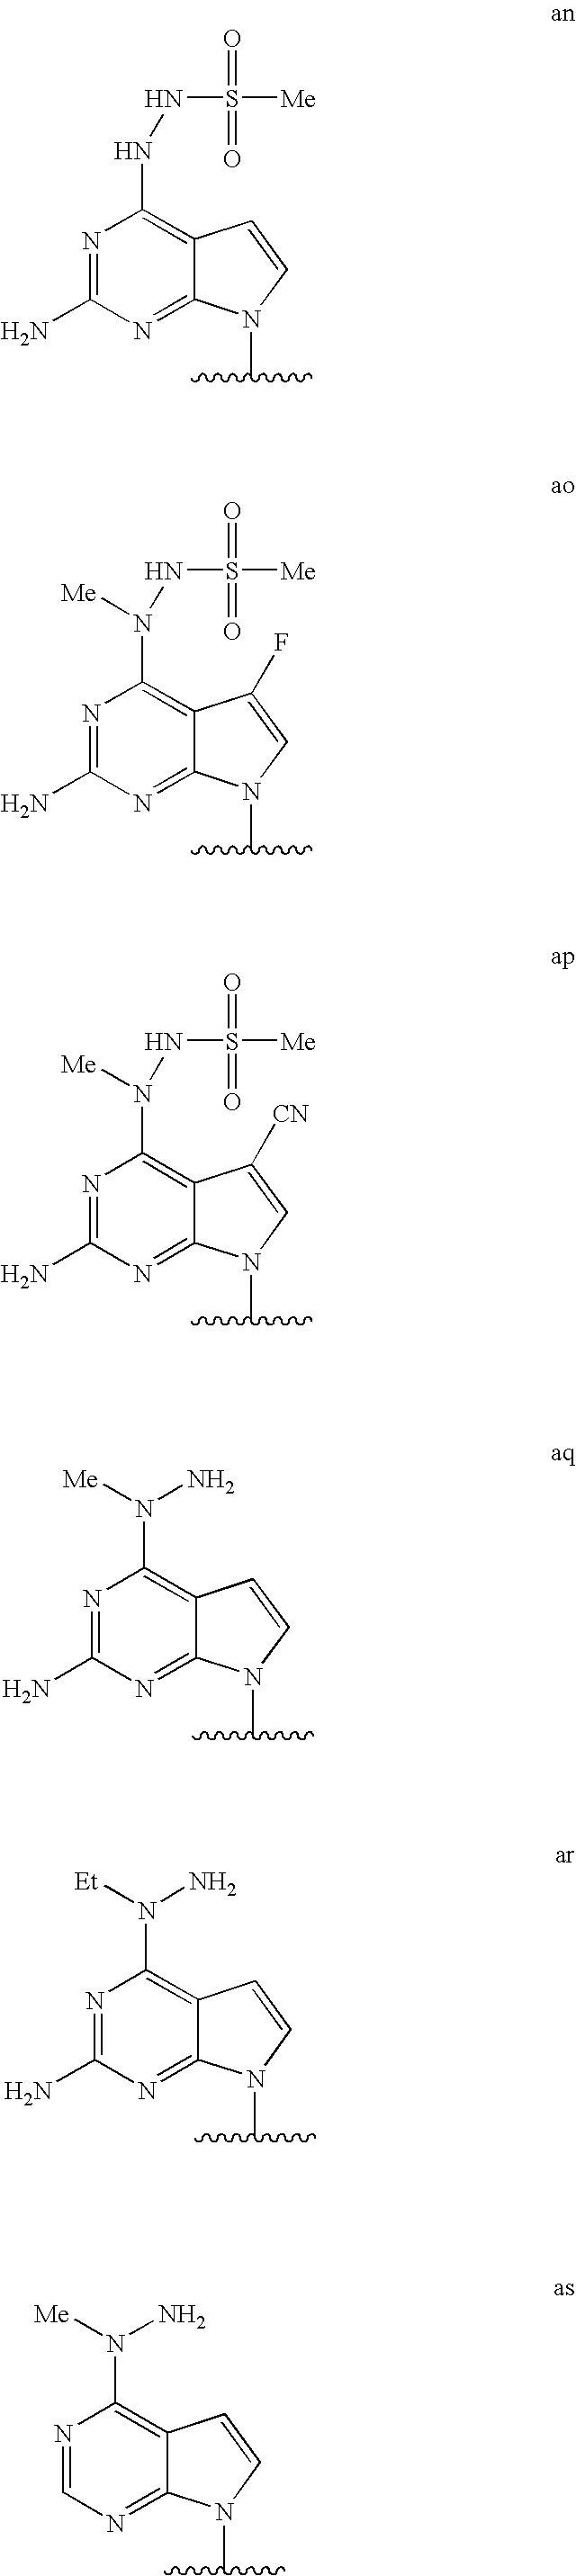 Figure US08173621-20120508-C00020